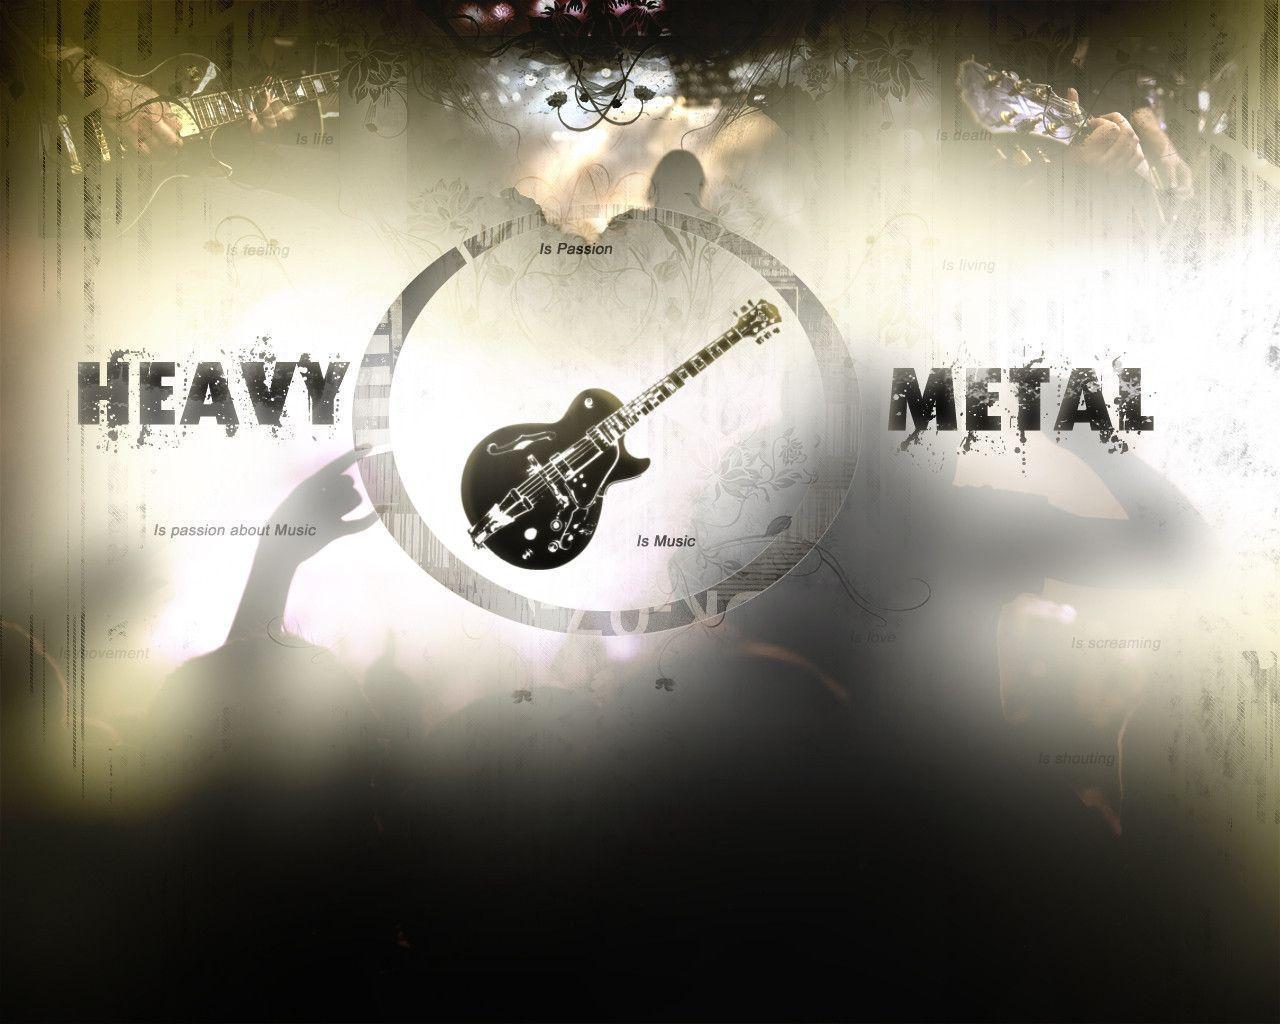 Heavy Metal Wallpaper - Metal Wallpaper (21000467) - Fanpop